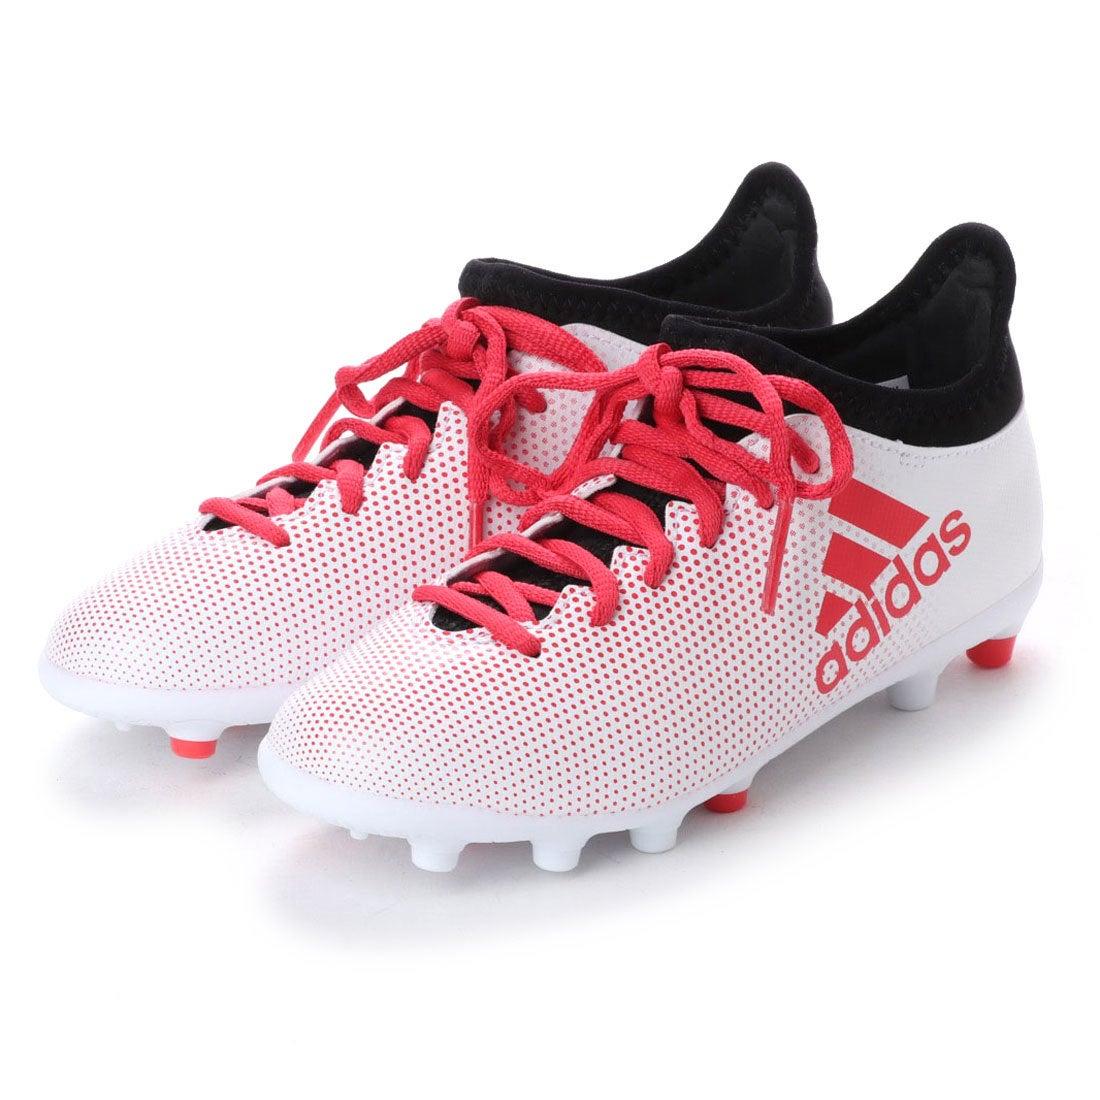 【SALE 25%OFF】アディダス adidas ジュニア サッカー スパイクシューズ エックス 17.3-ジャパン HG J CQ1980